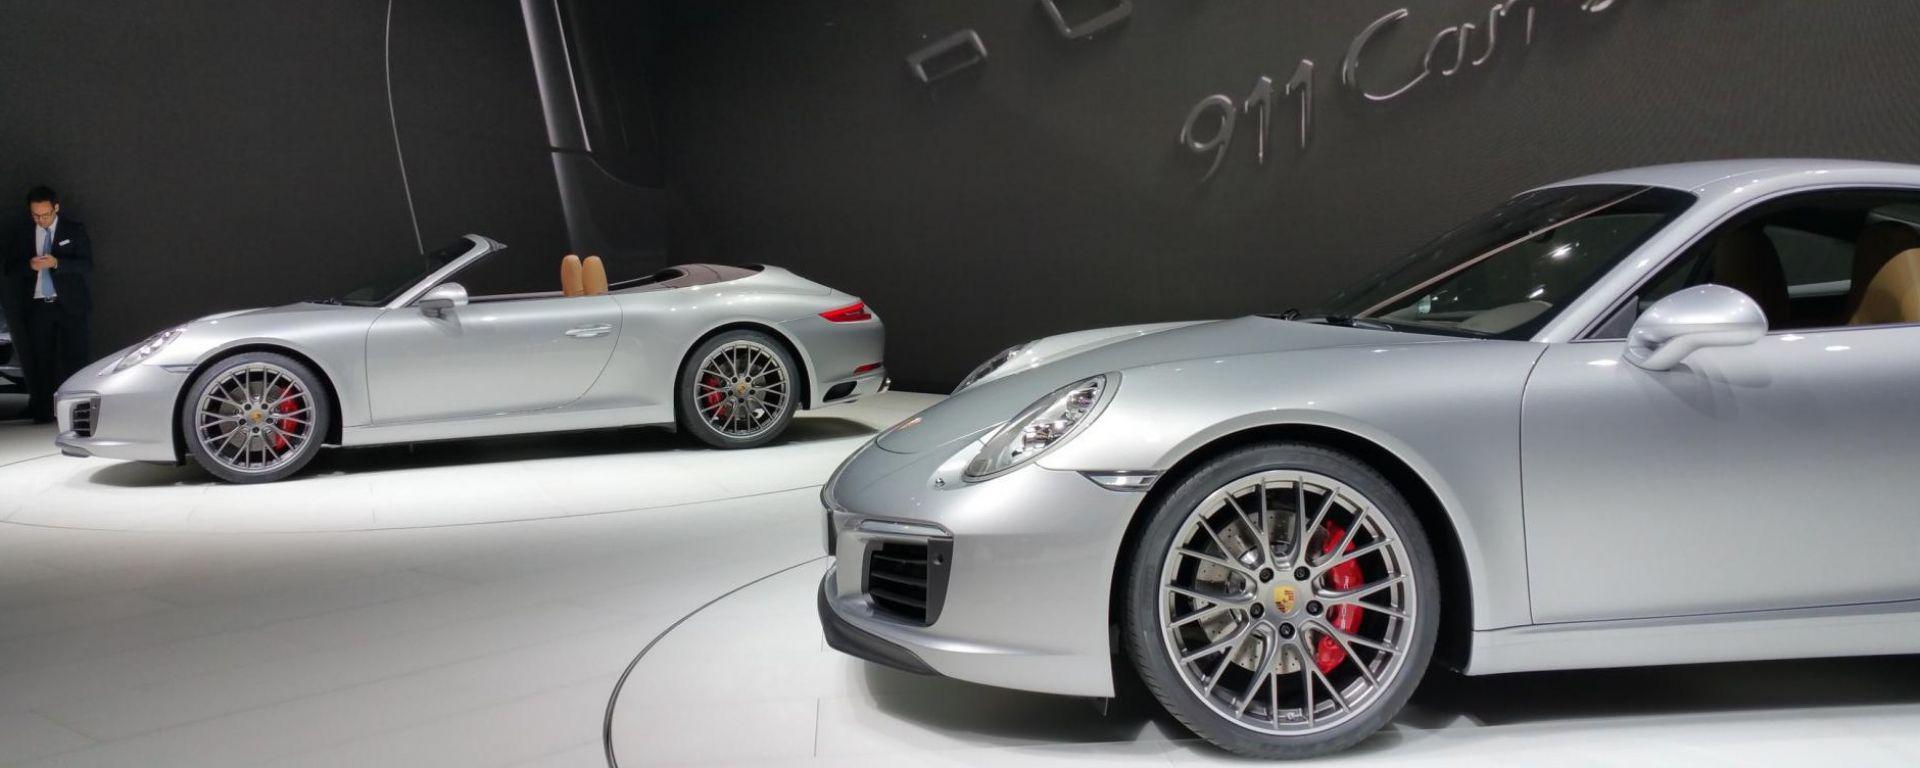 IAA Francoforte 2015: le novità Porsche